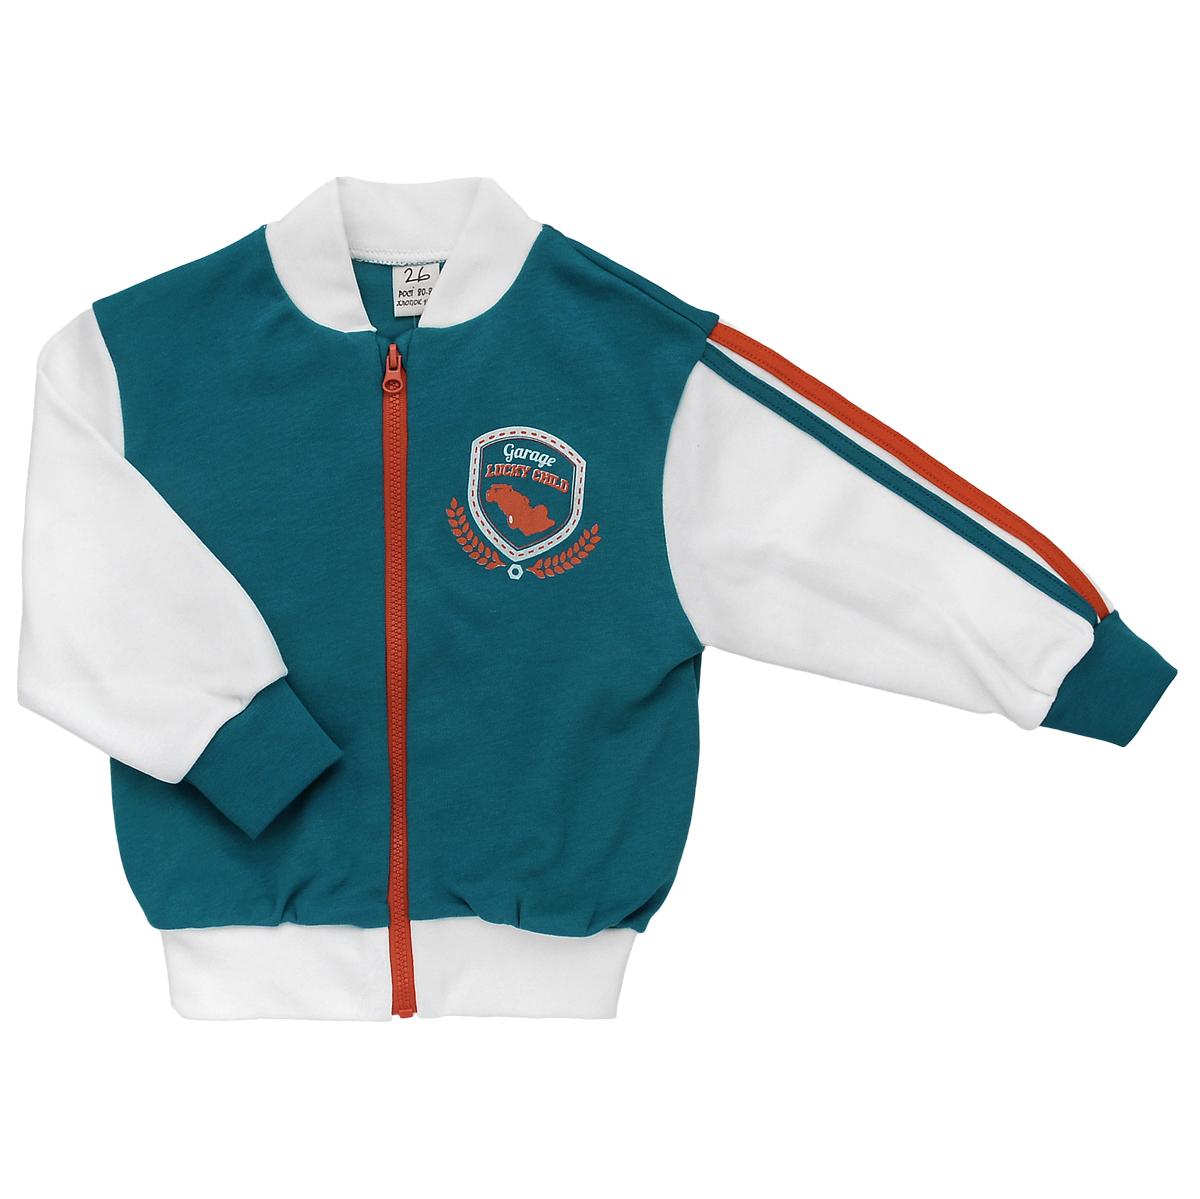 Толстовка для мальчика Lucky Child, цвет: сине-зеленый, молочный. 21-18. Размер 98/104 футболка для мальчика lucky child цвет сине зеленый молочный 21 262 размер 98 104